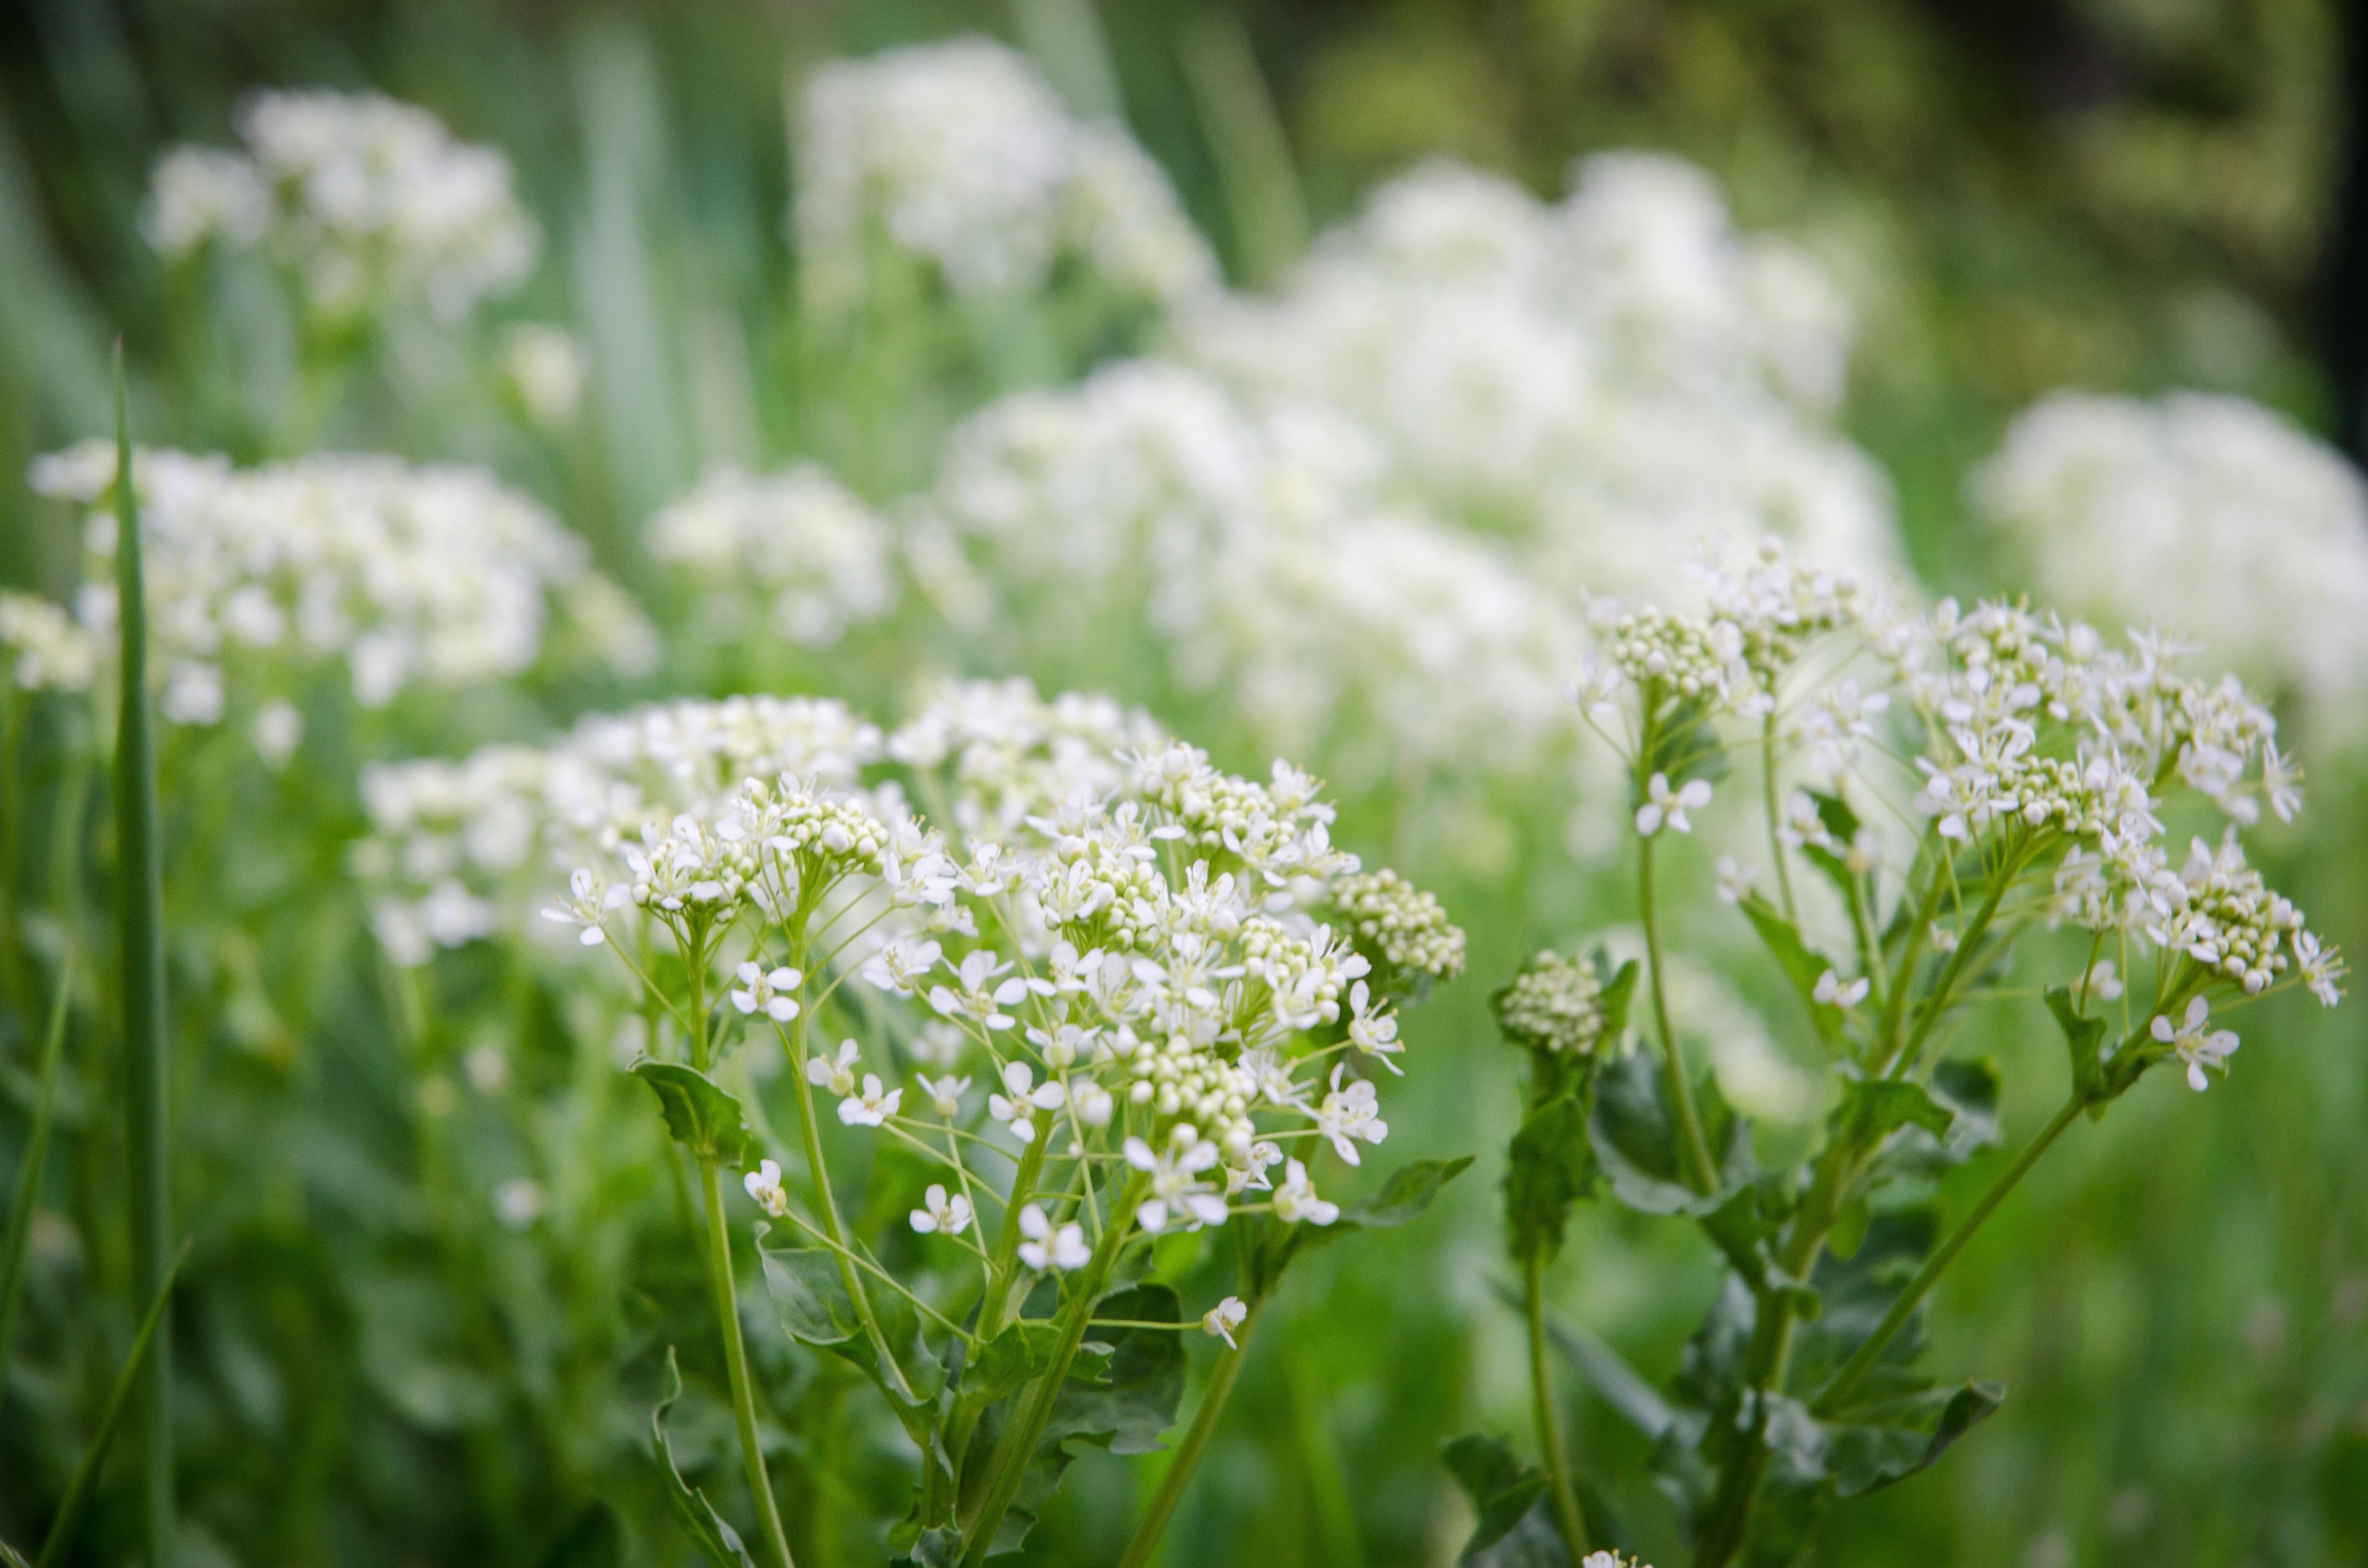 images gratuites la nature herbe fleur champ pelouse prairie vert botanique flore. Black Bedroom Furniture Sets. Home Design Ideas